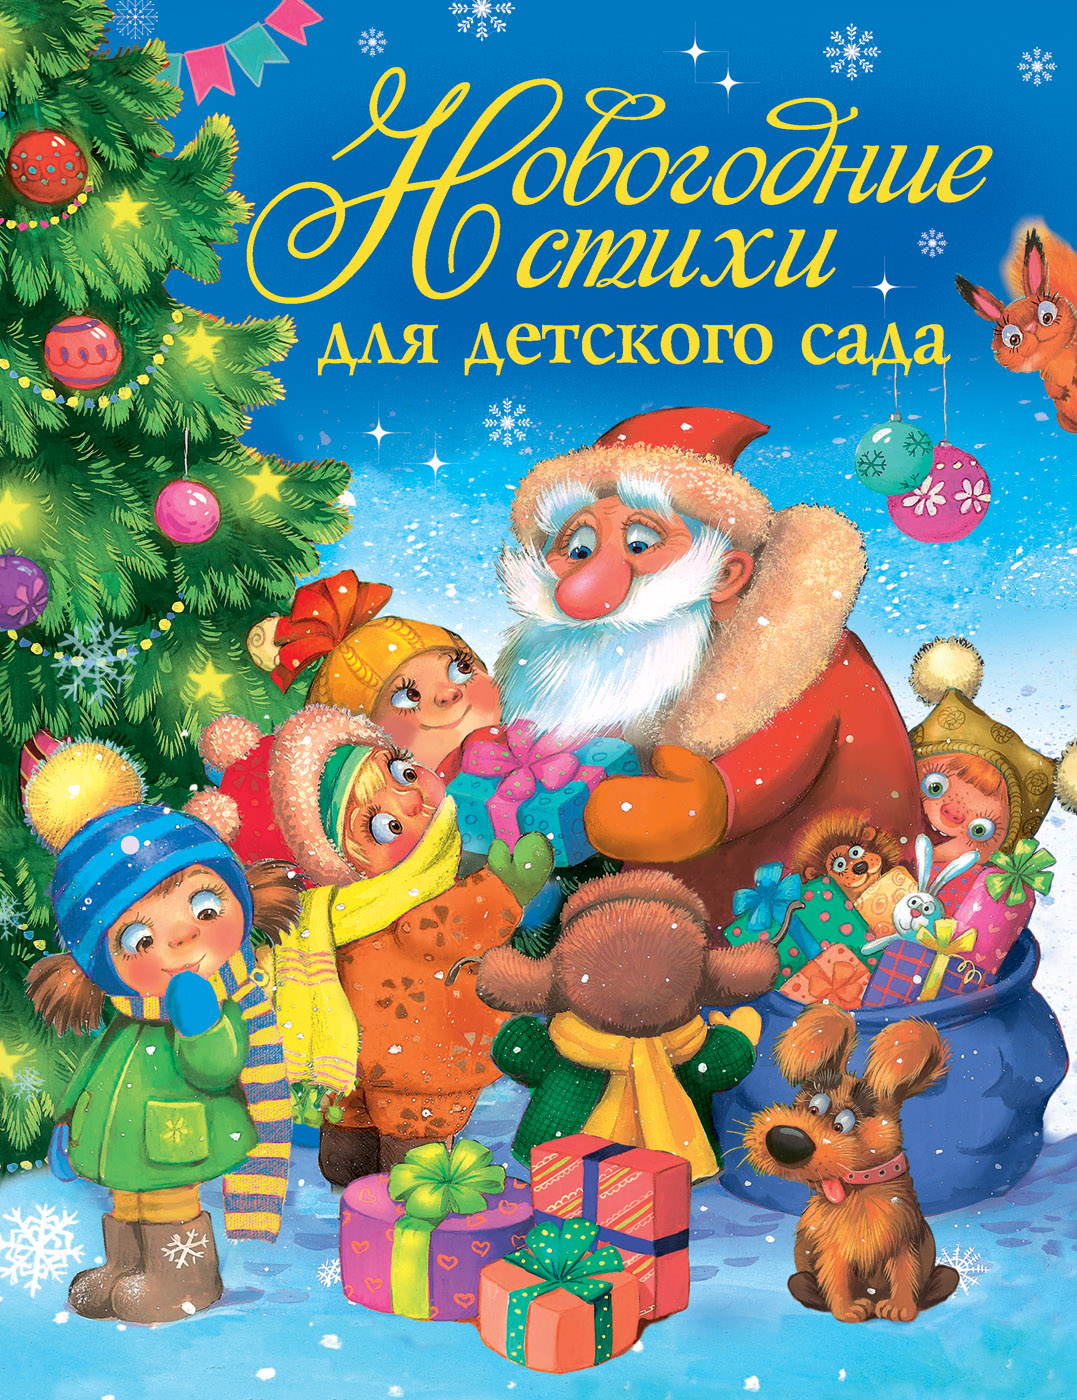 Сборник - Новогодние стихи для детского садаНовый Год<br>Сборник - Новогодние стихи для детского сада<br>